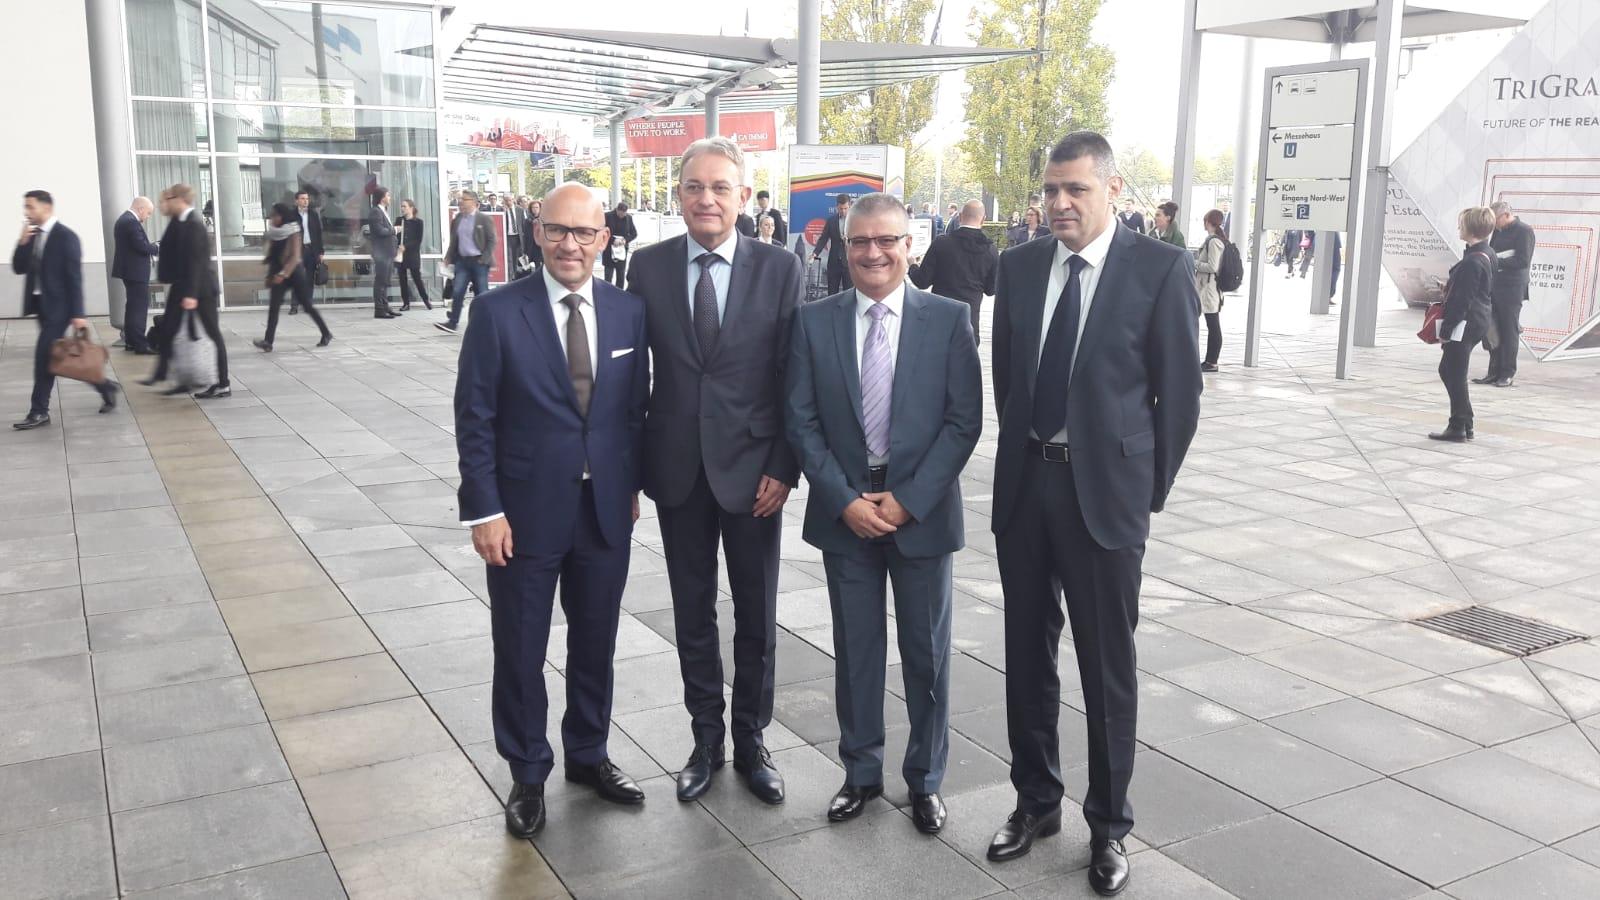 Pokrajinski sekretar za energetiku, građevinarstvo i saobraćaj Nenad Grbić sa direktorom Minhenskog sajma i saradnicima